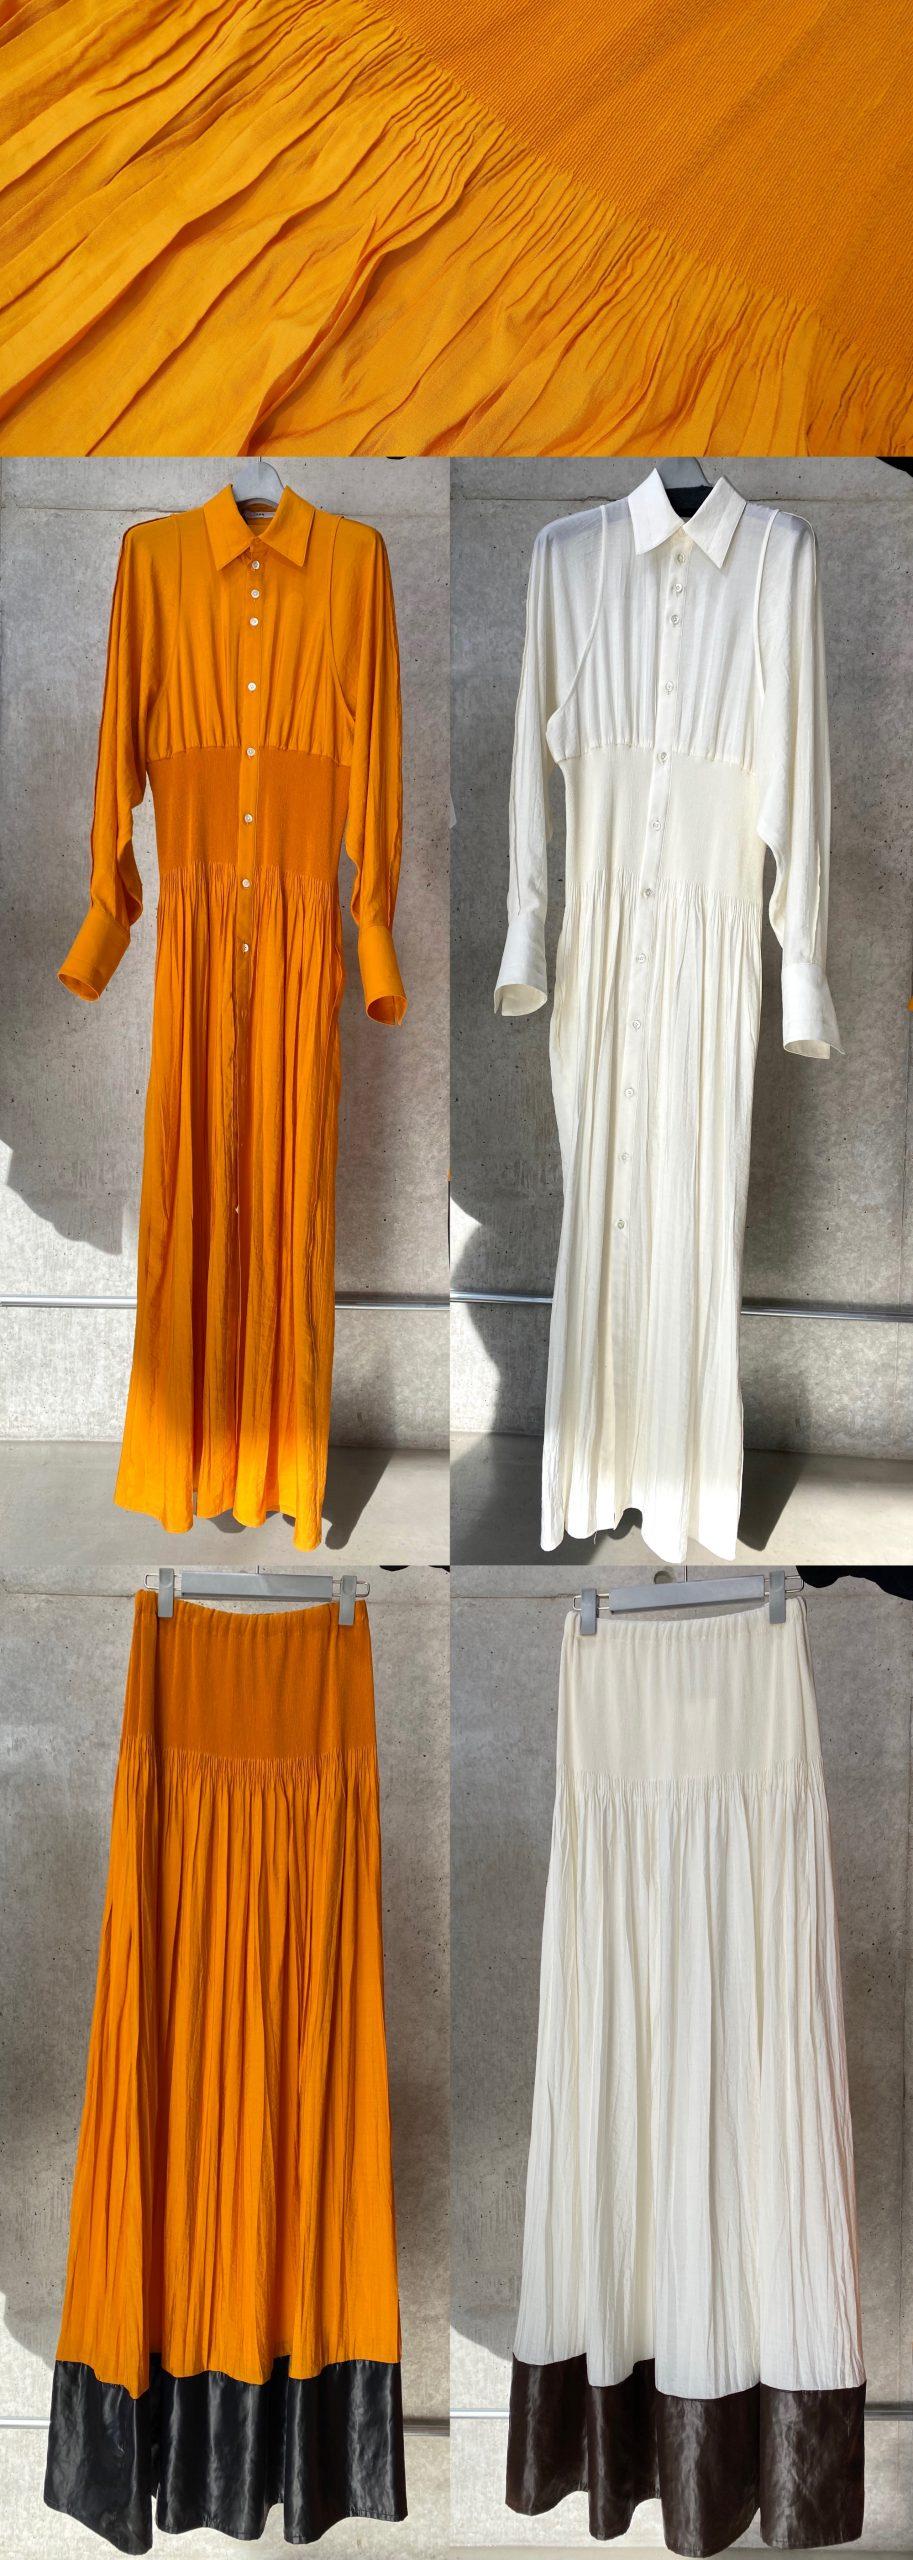 津久弘織物の生地によるワンピースとスカート。オレンジと生成り二色ある。